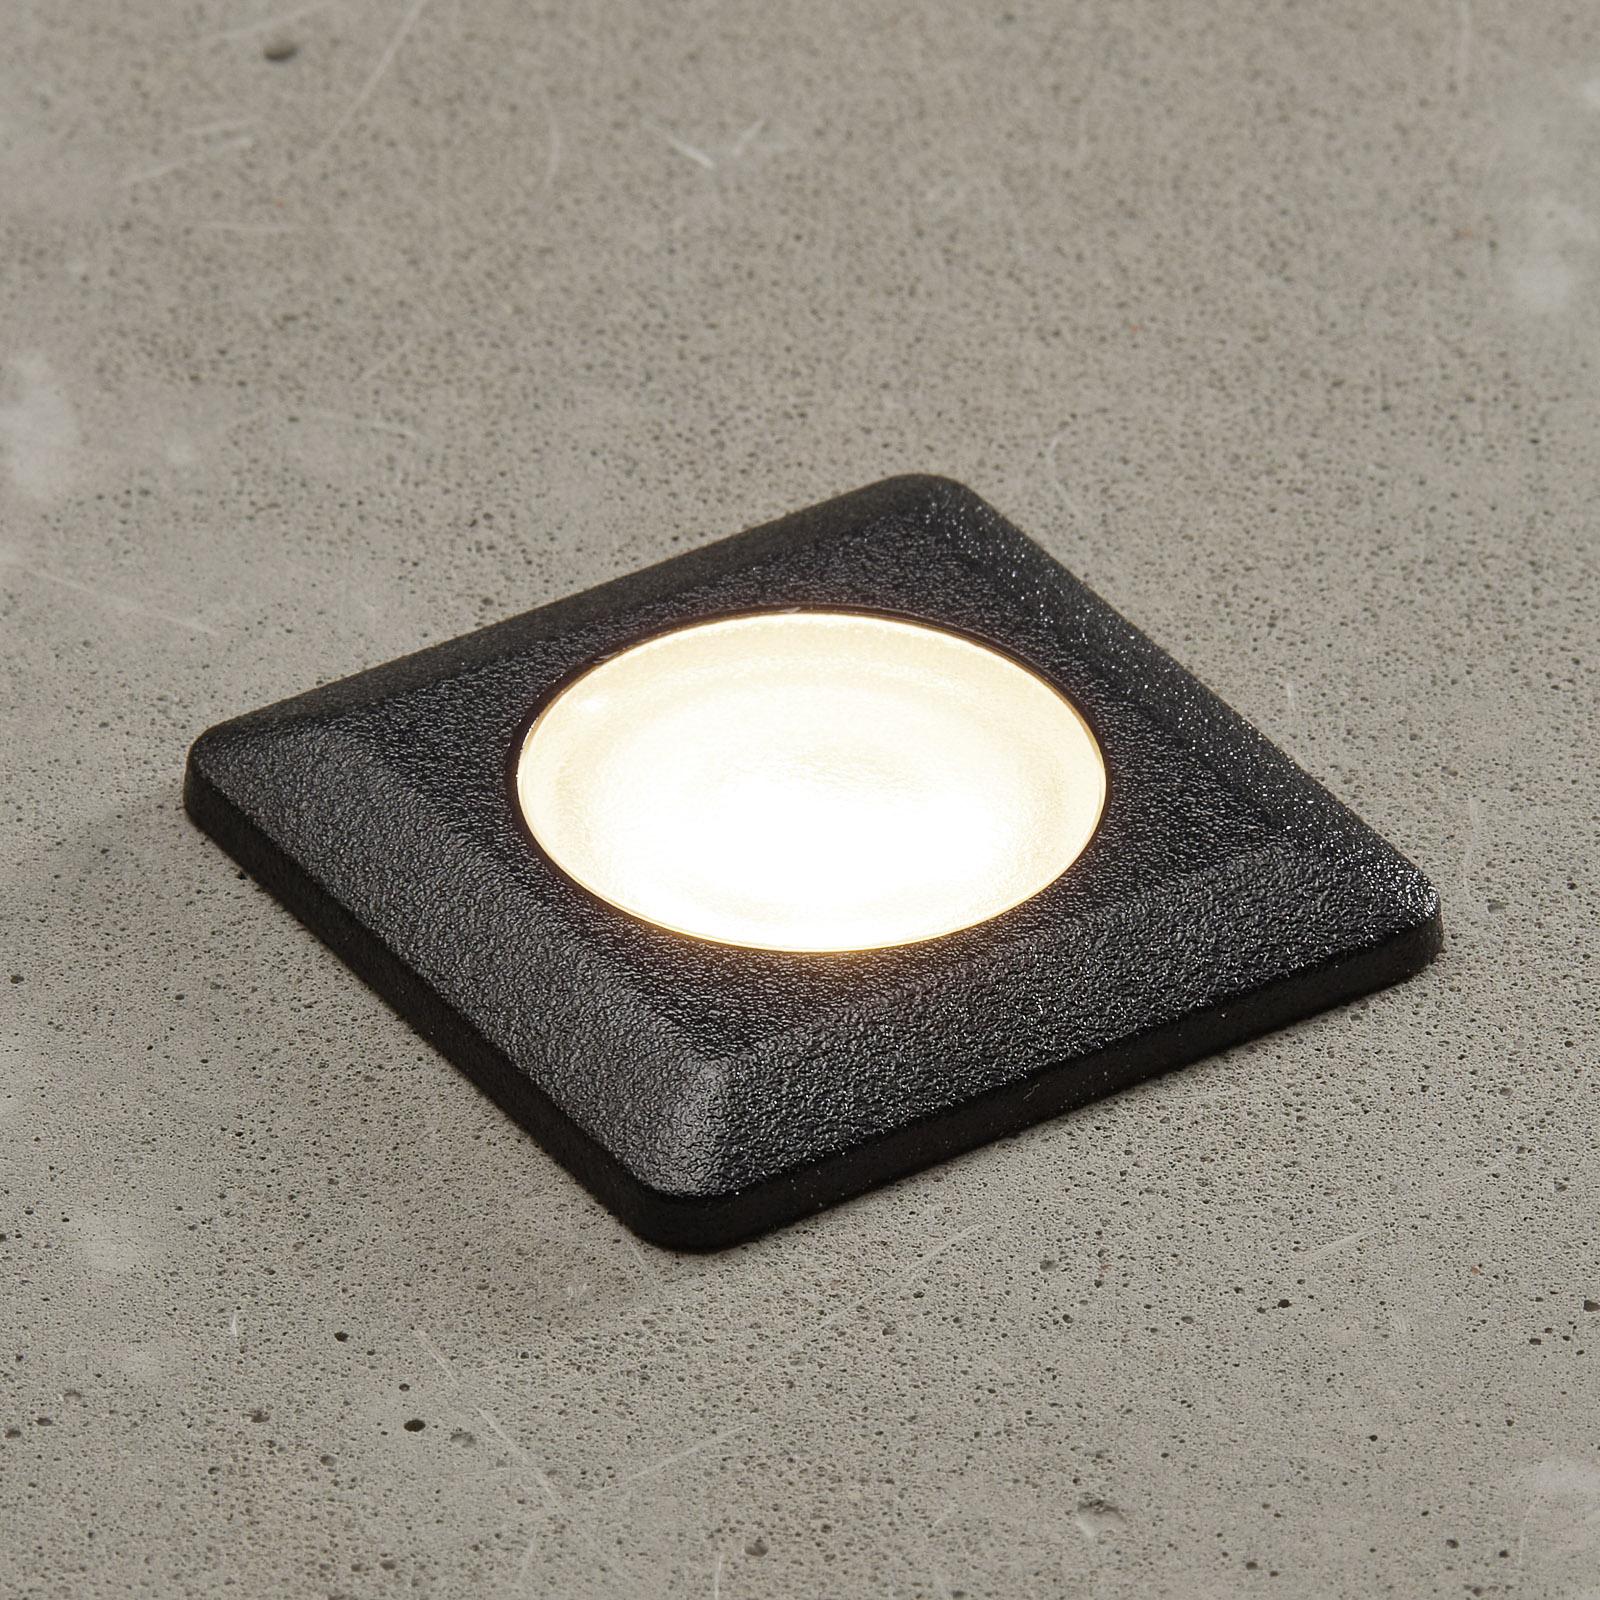 Aldo LED indbygningslampe kantet sort/klar 3.000 K